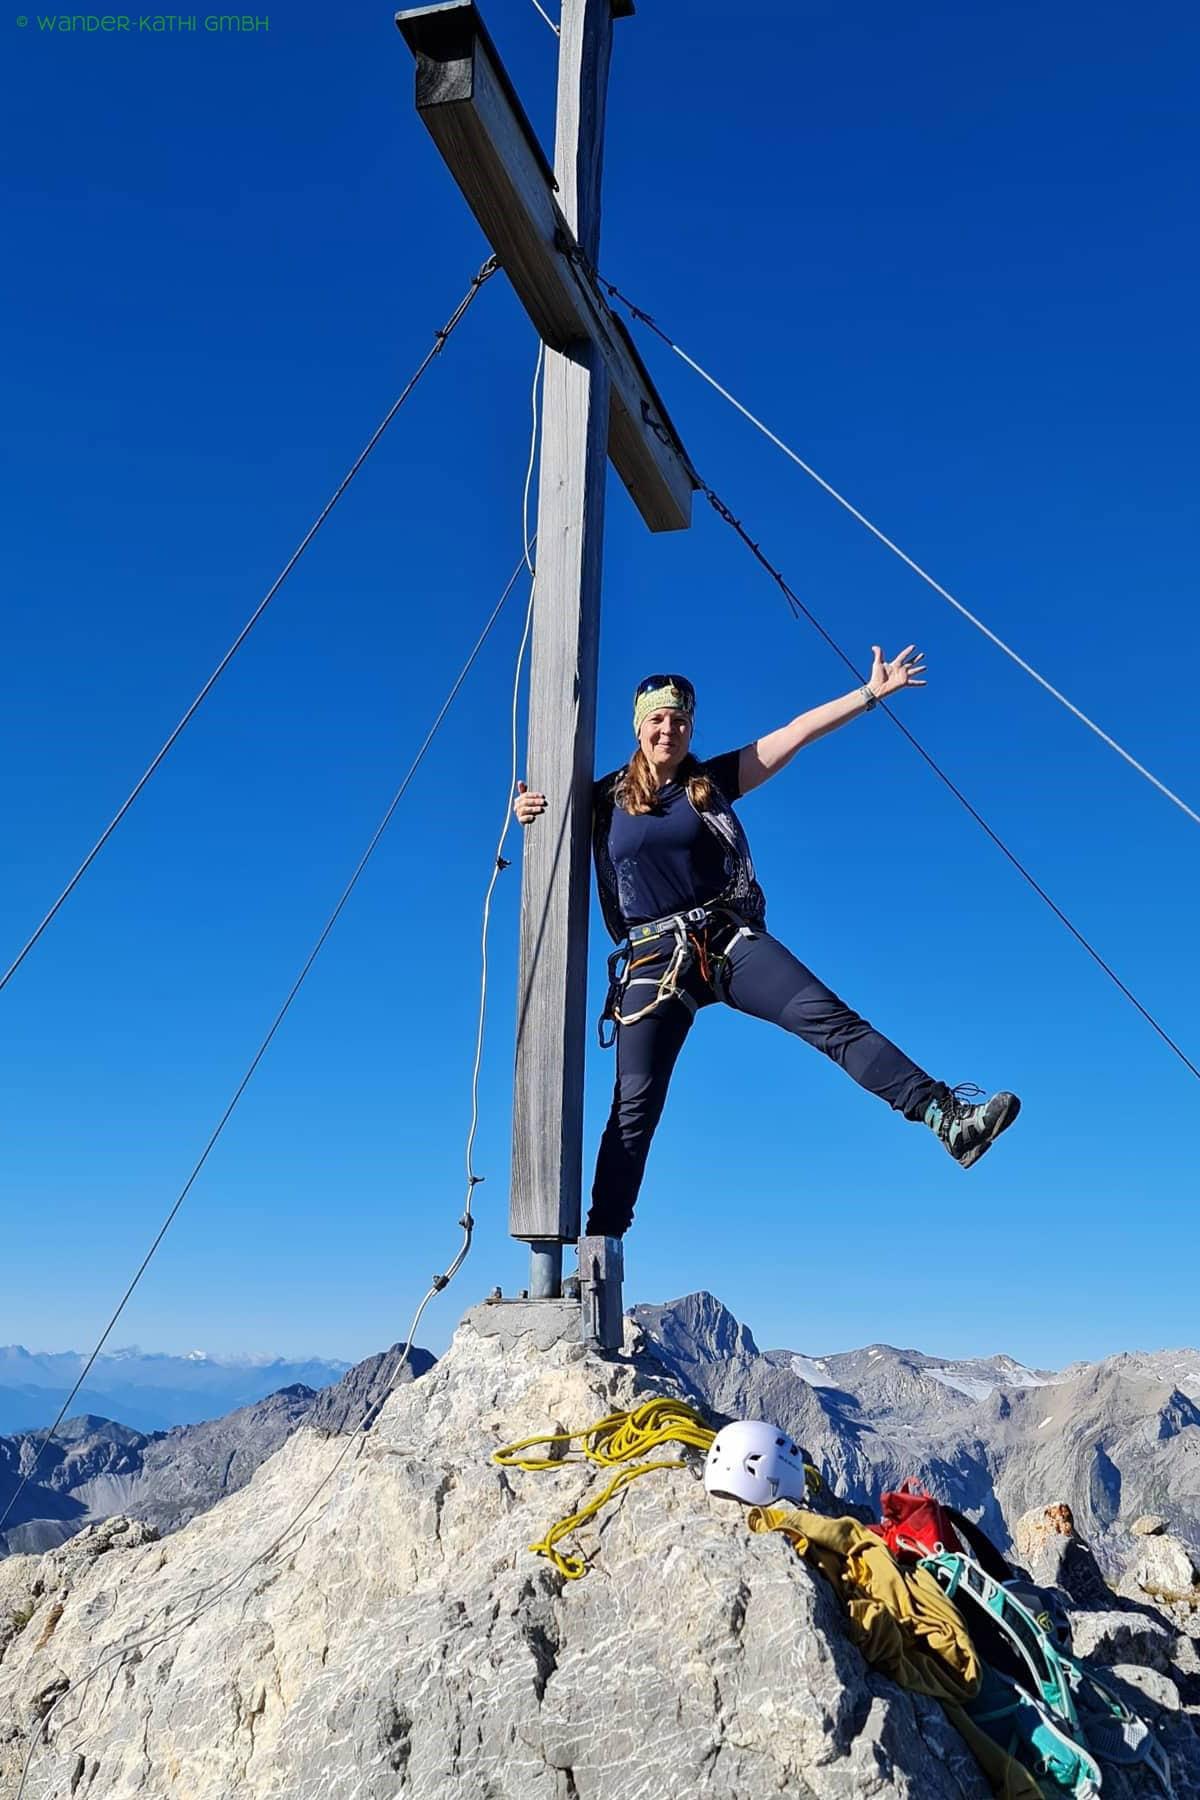 liechtenstein-wandern-teambuilding-motivation-wander-kathi